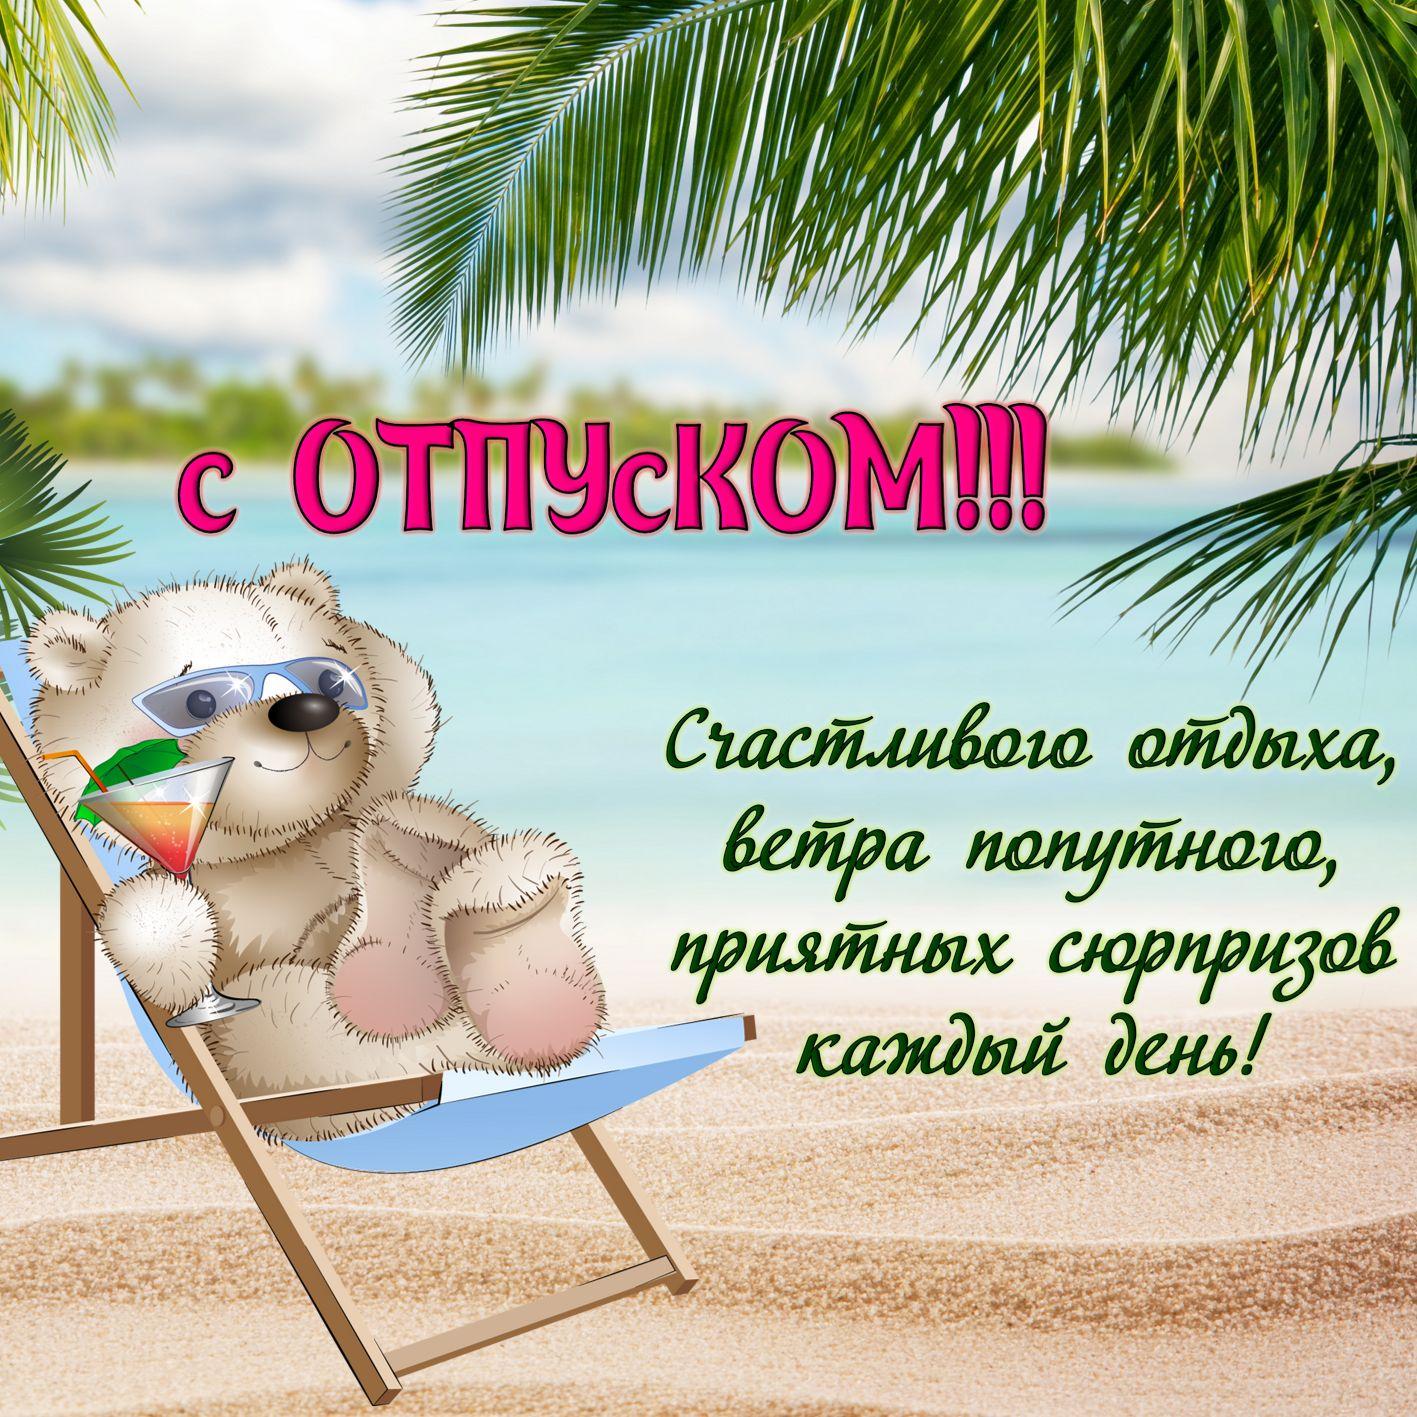 Отправить открытка отпуск